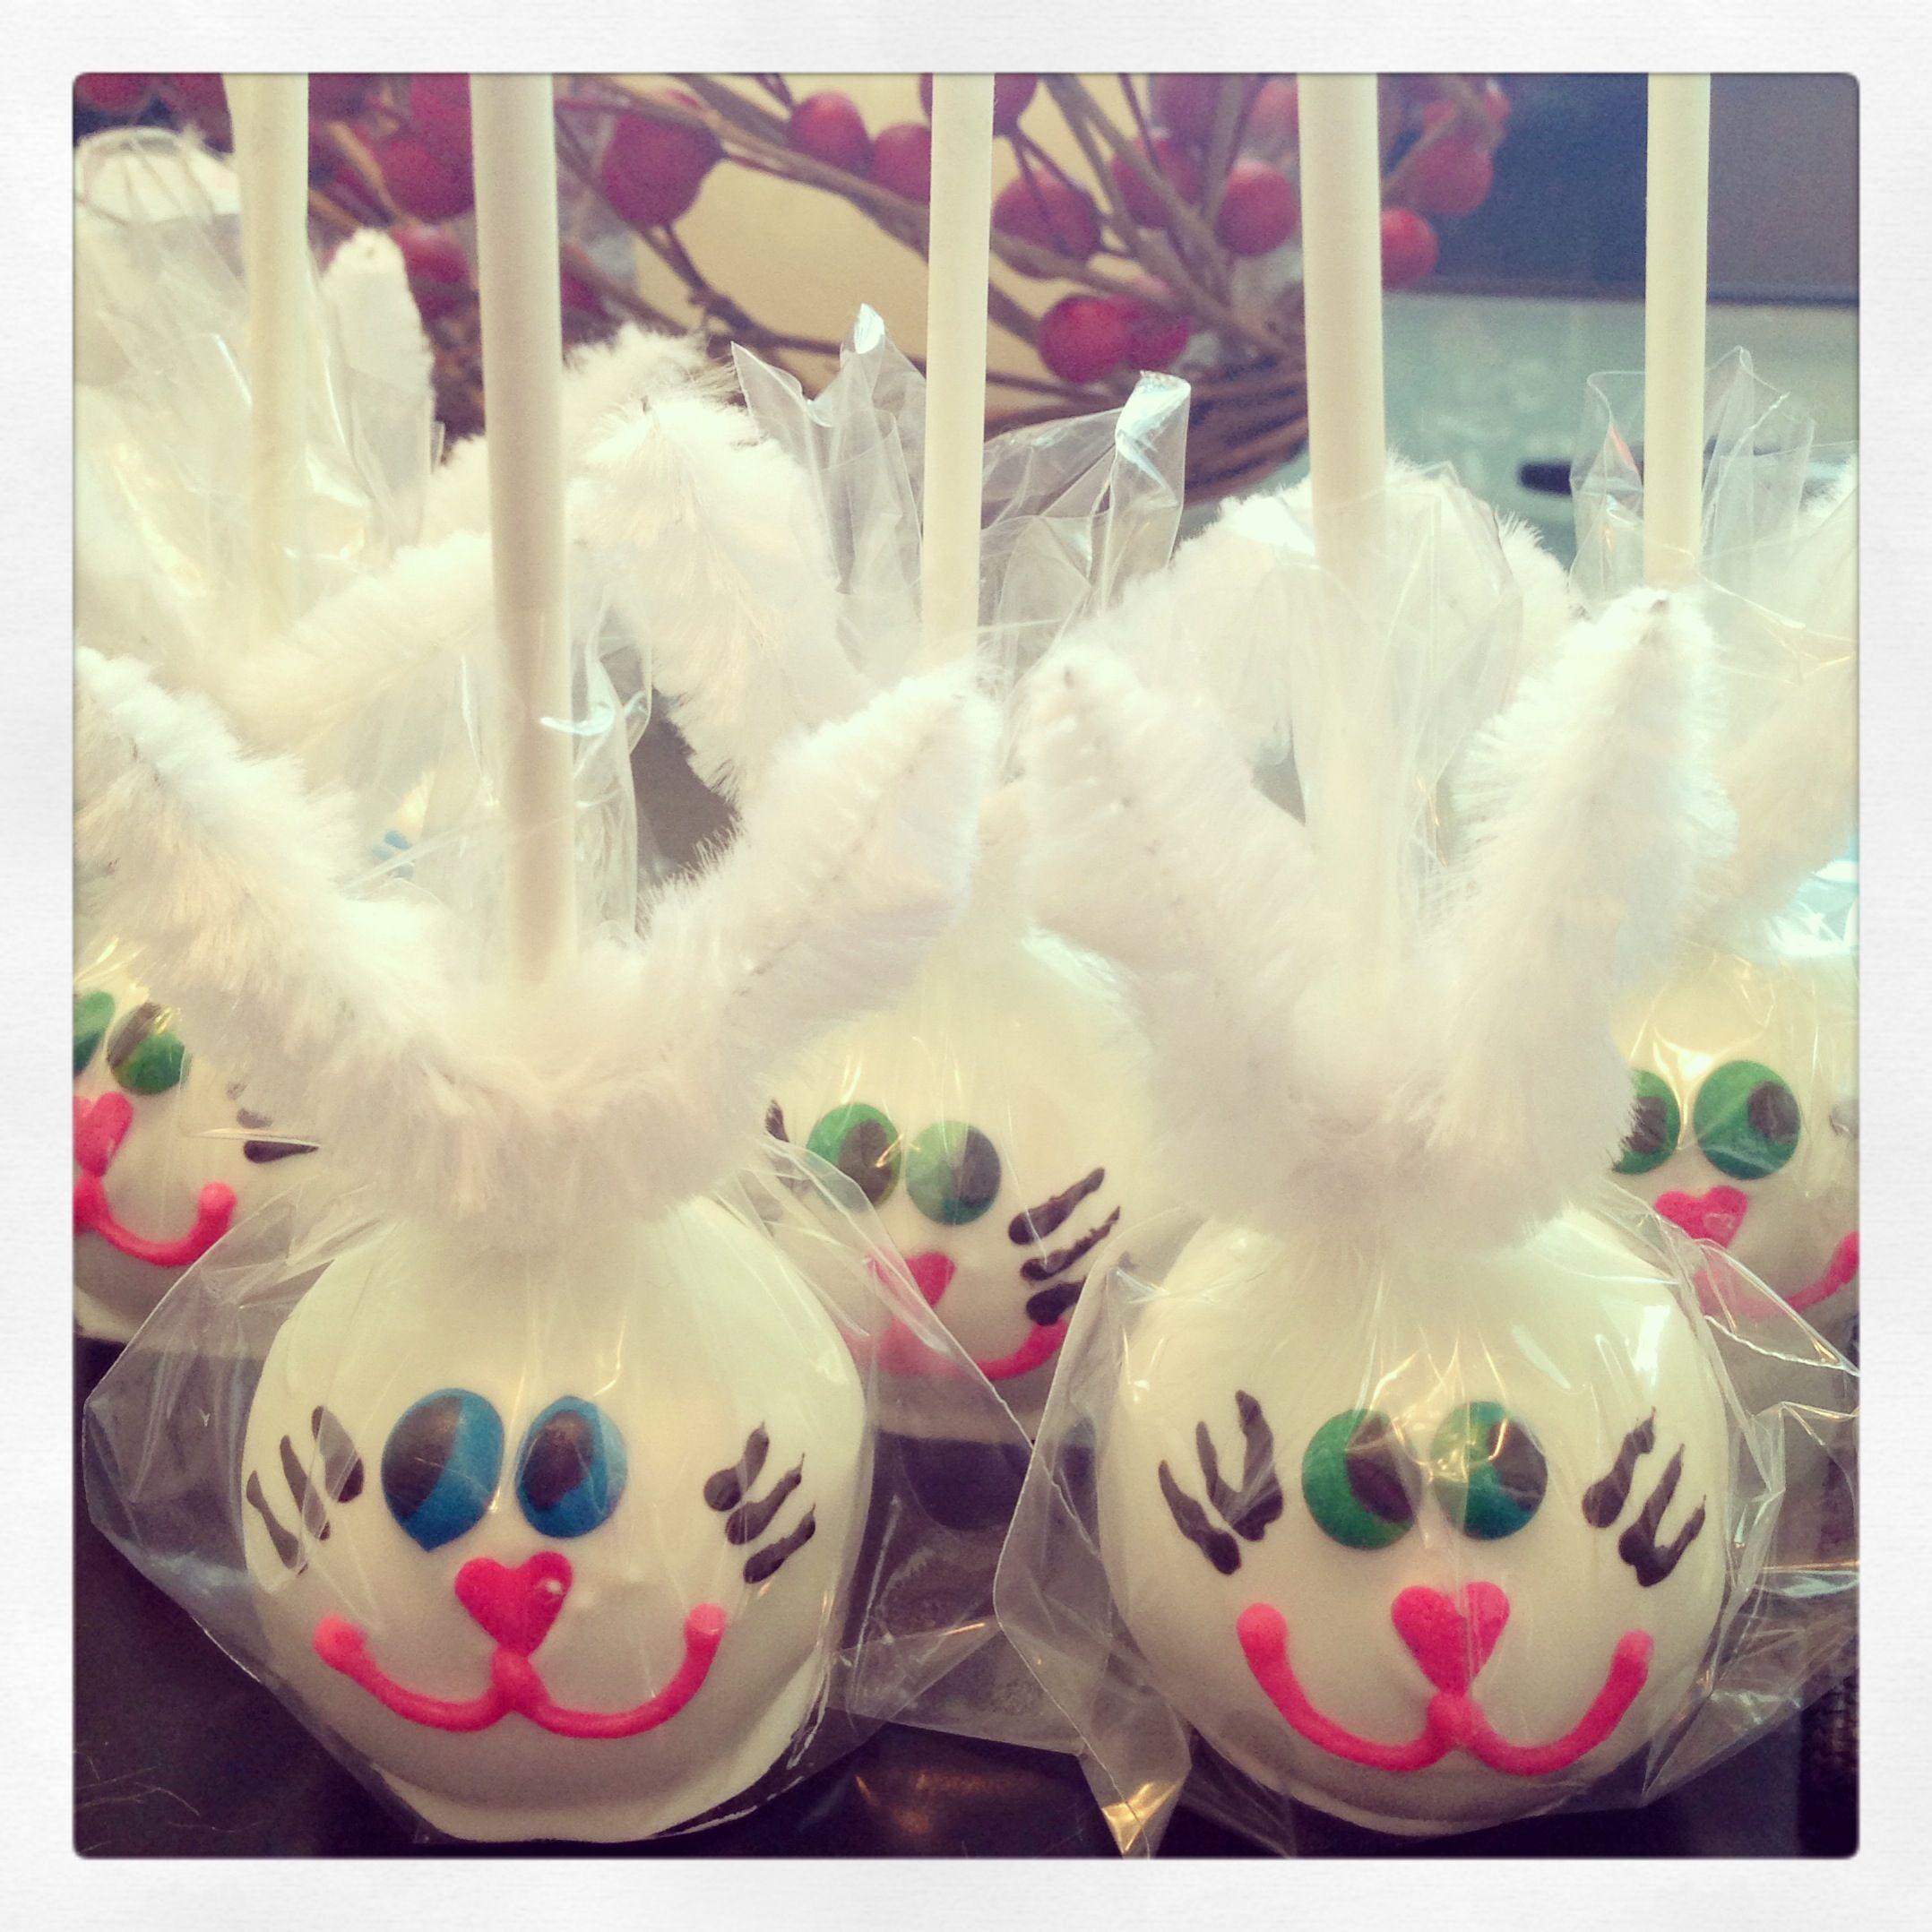 Easter cakepops #Cakepops